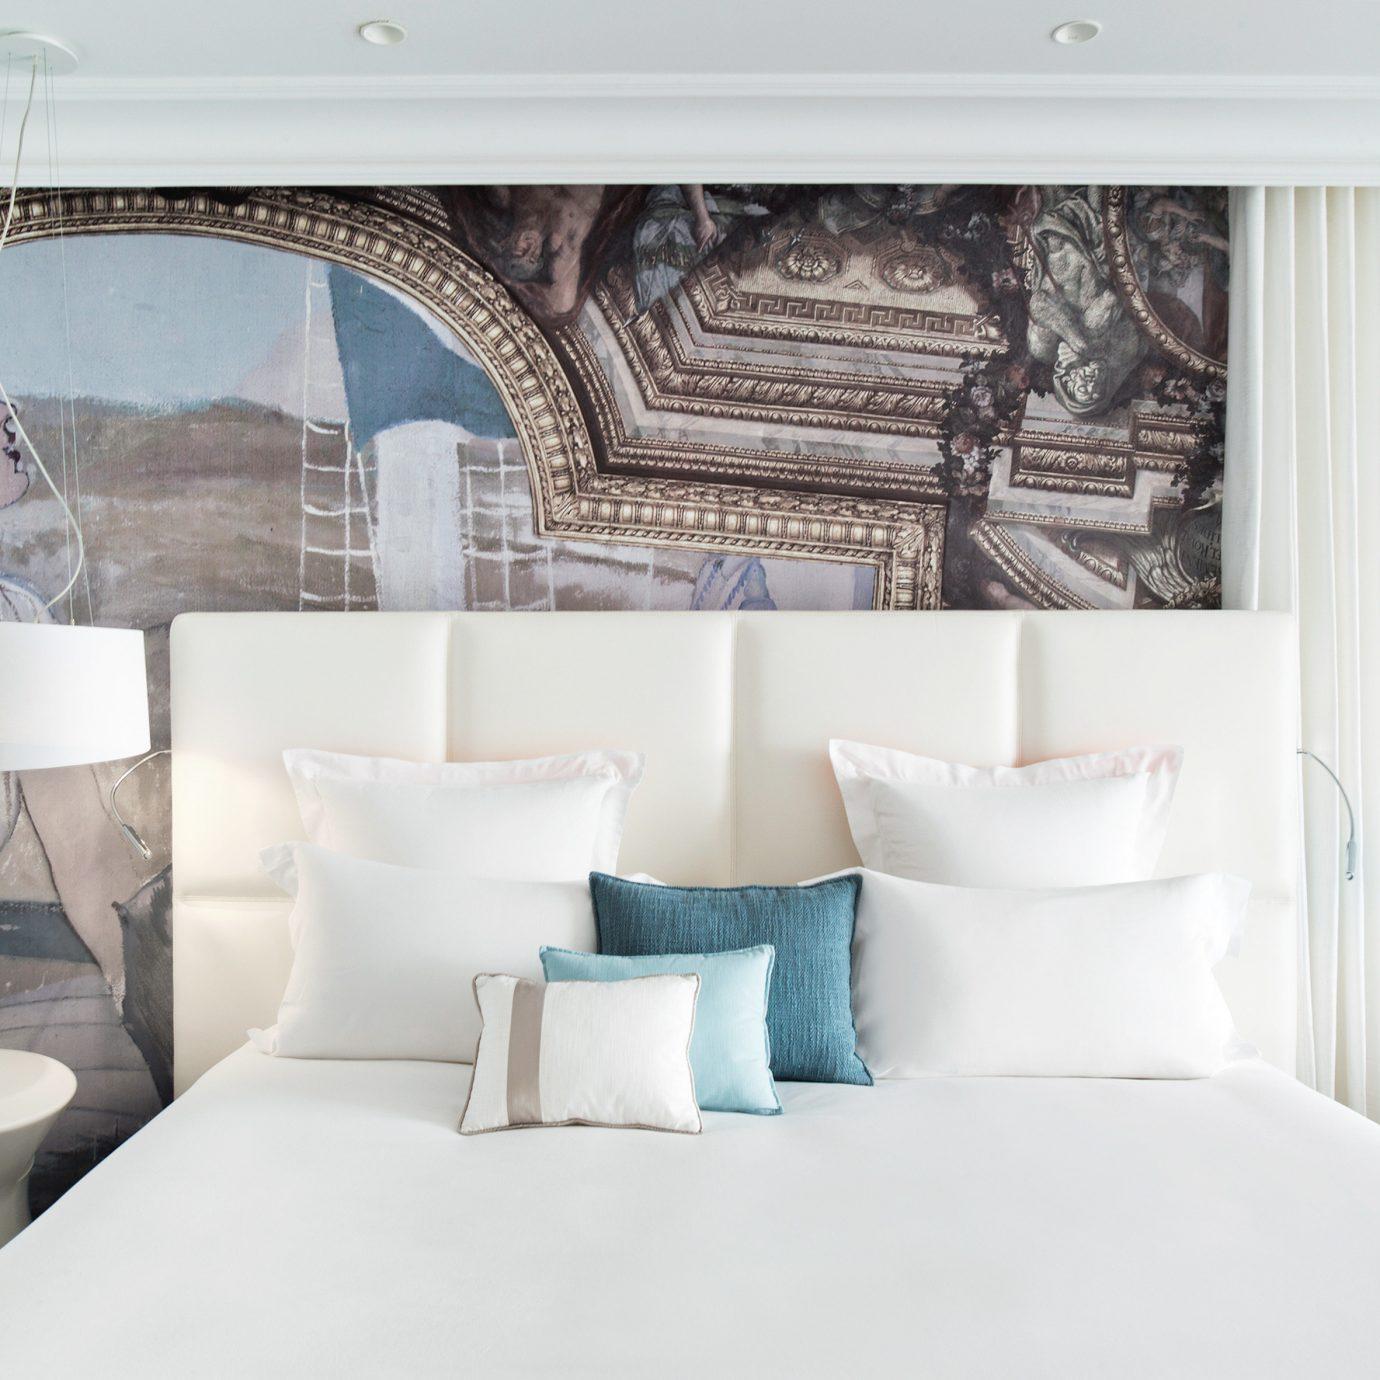 Bedroom Modern Resort white Suite living room bed sheet textile